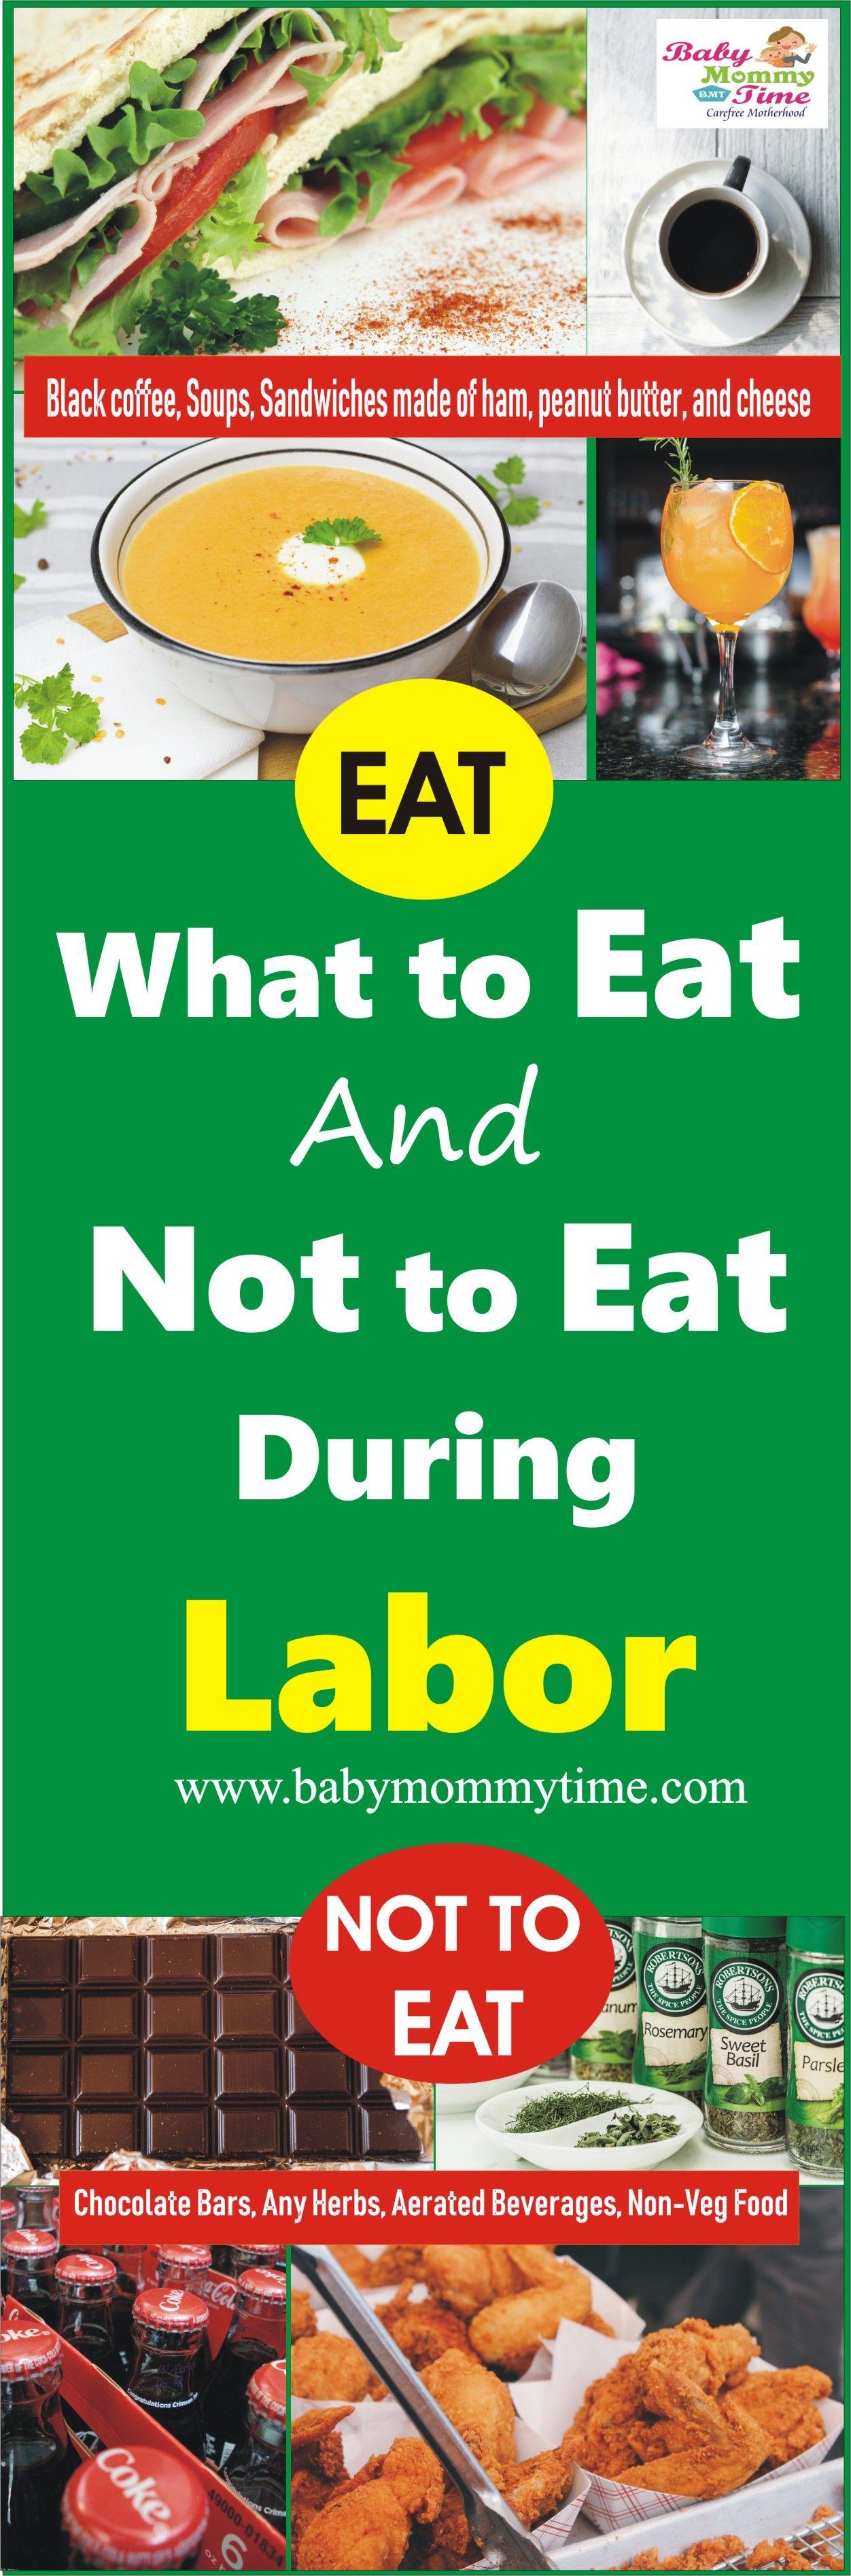 Was zu essen und was nicht während der Arbeit zu essen   – Pregnancy Care